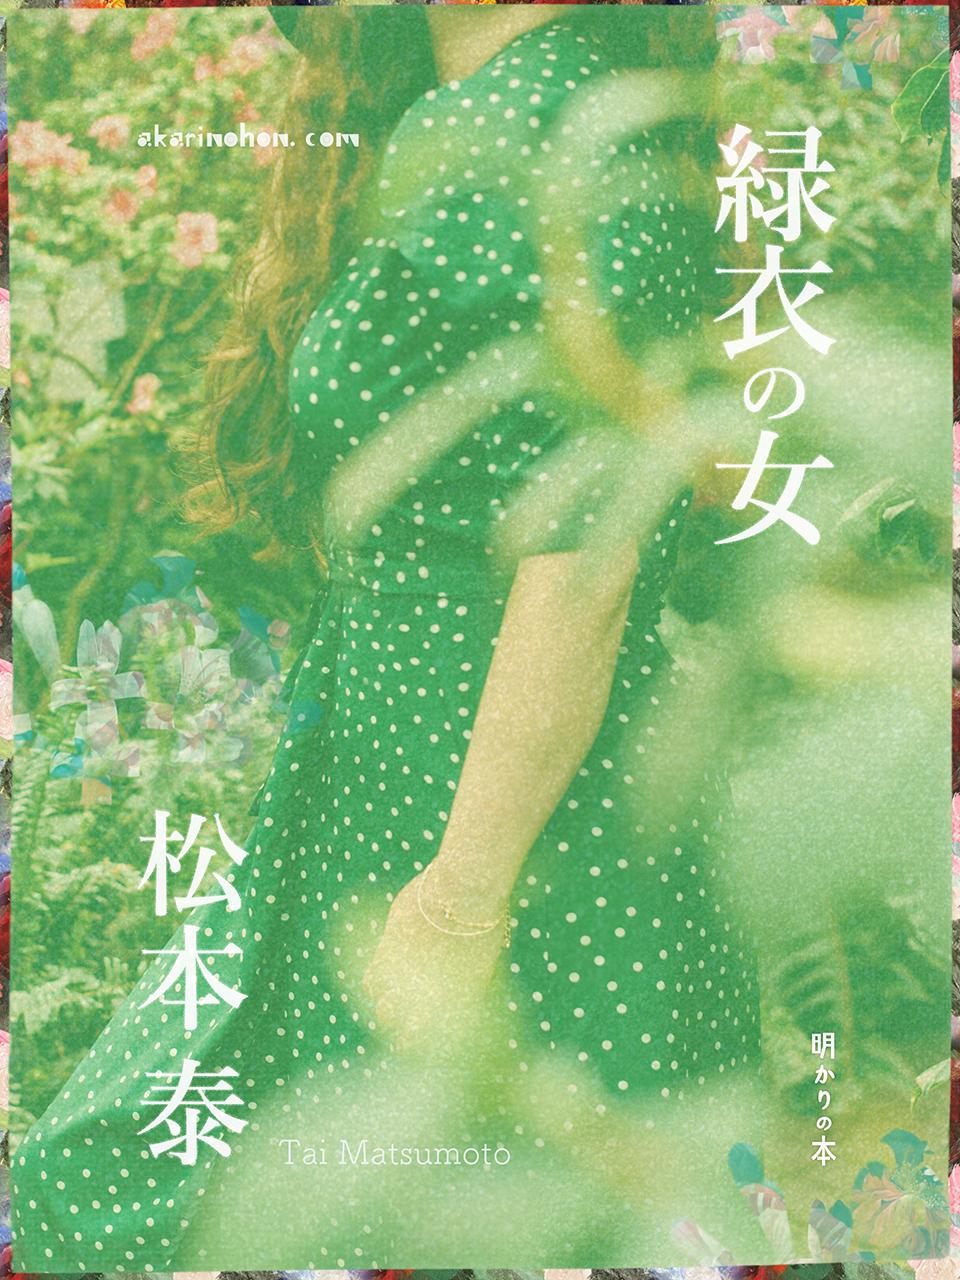 0000 - 緑衣の女 松本泰